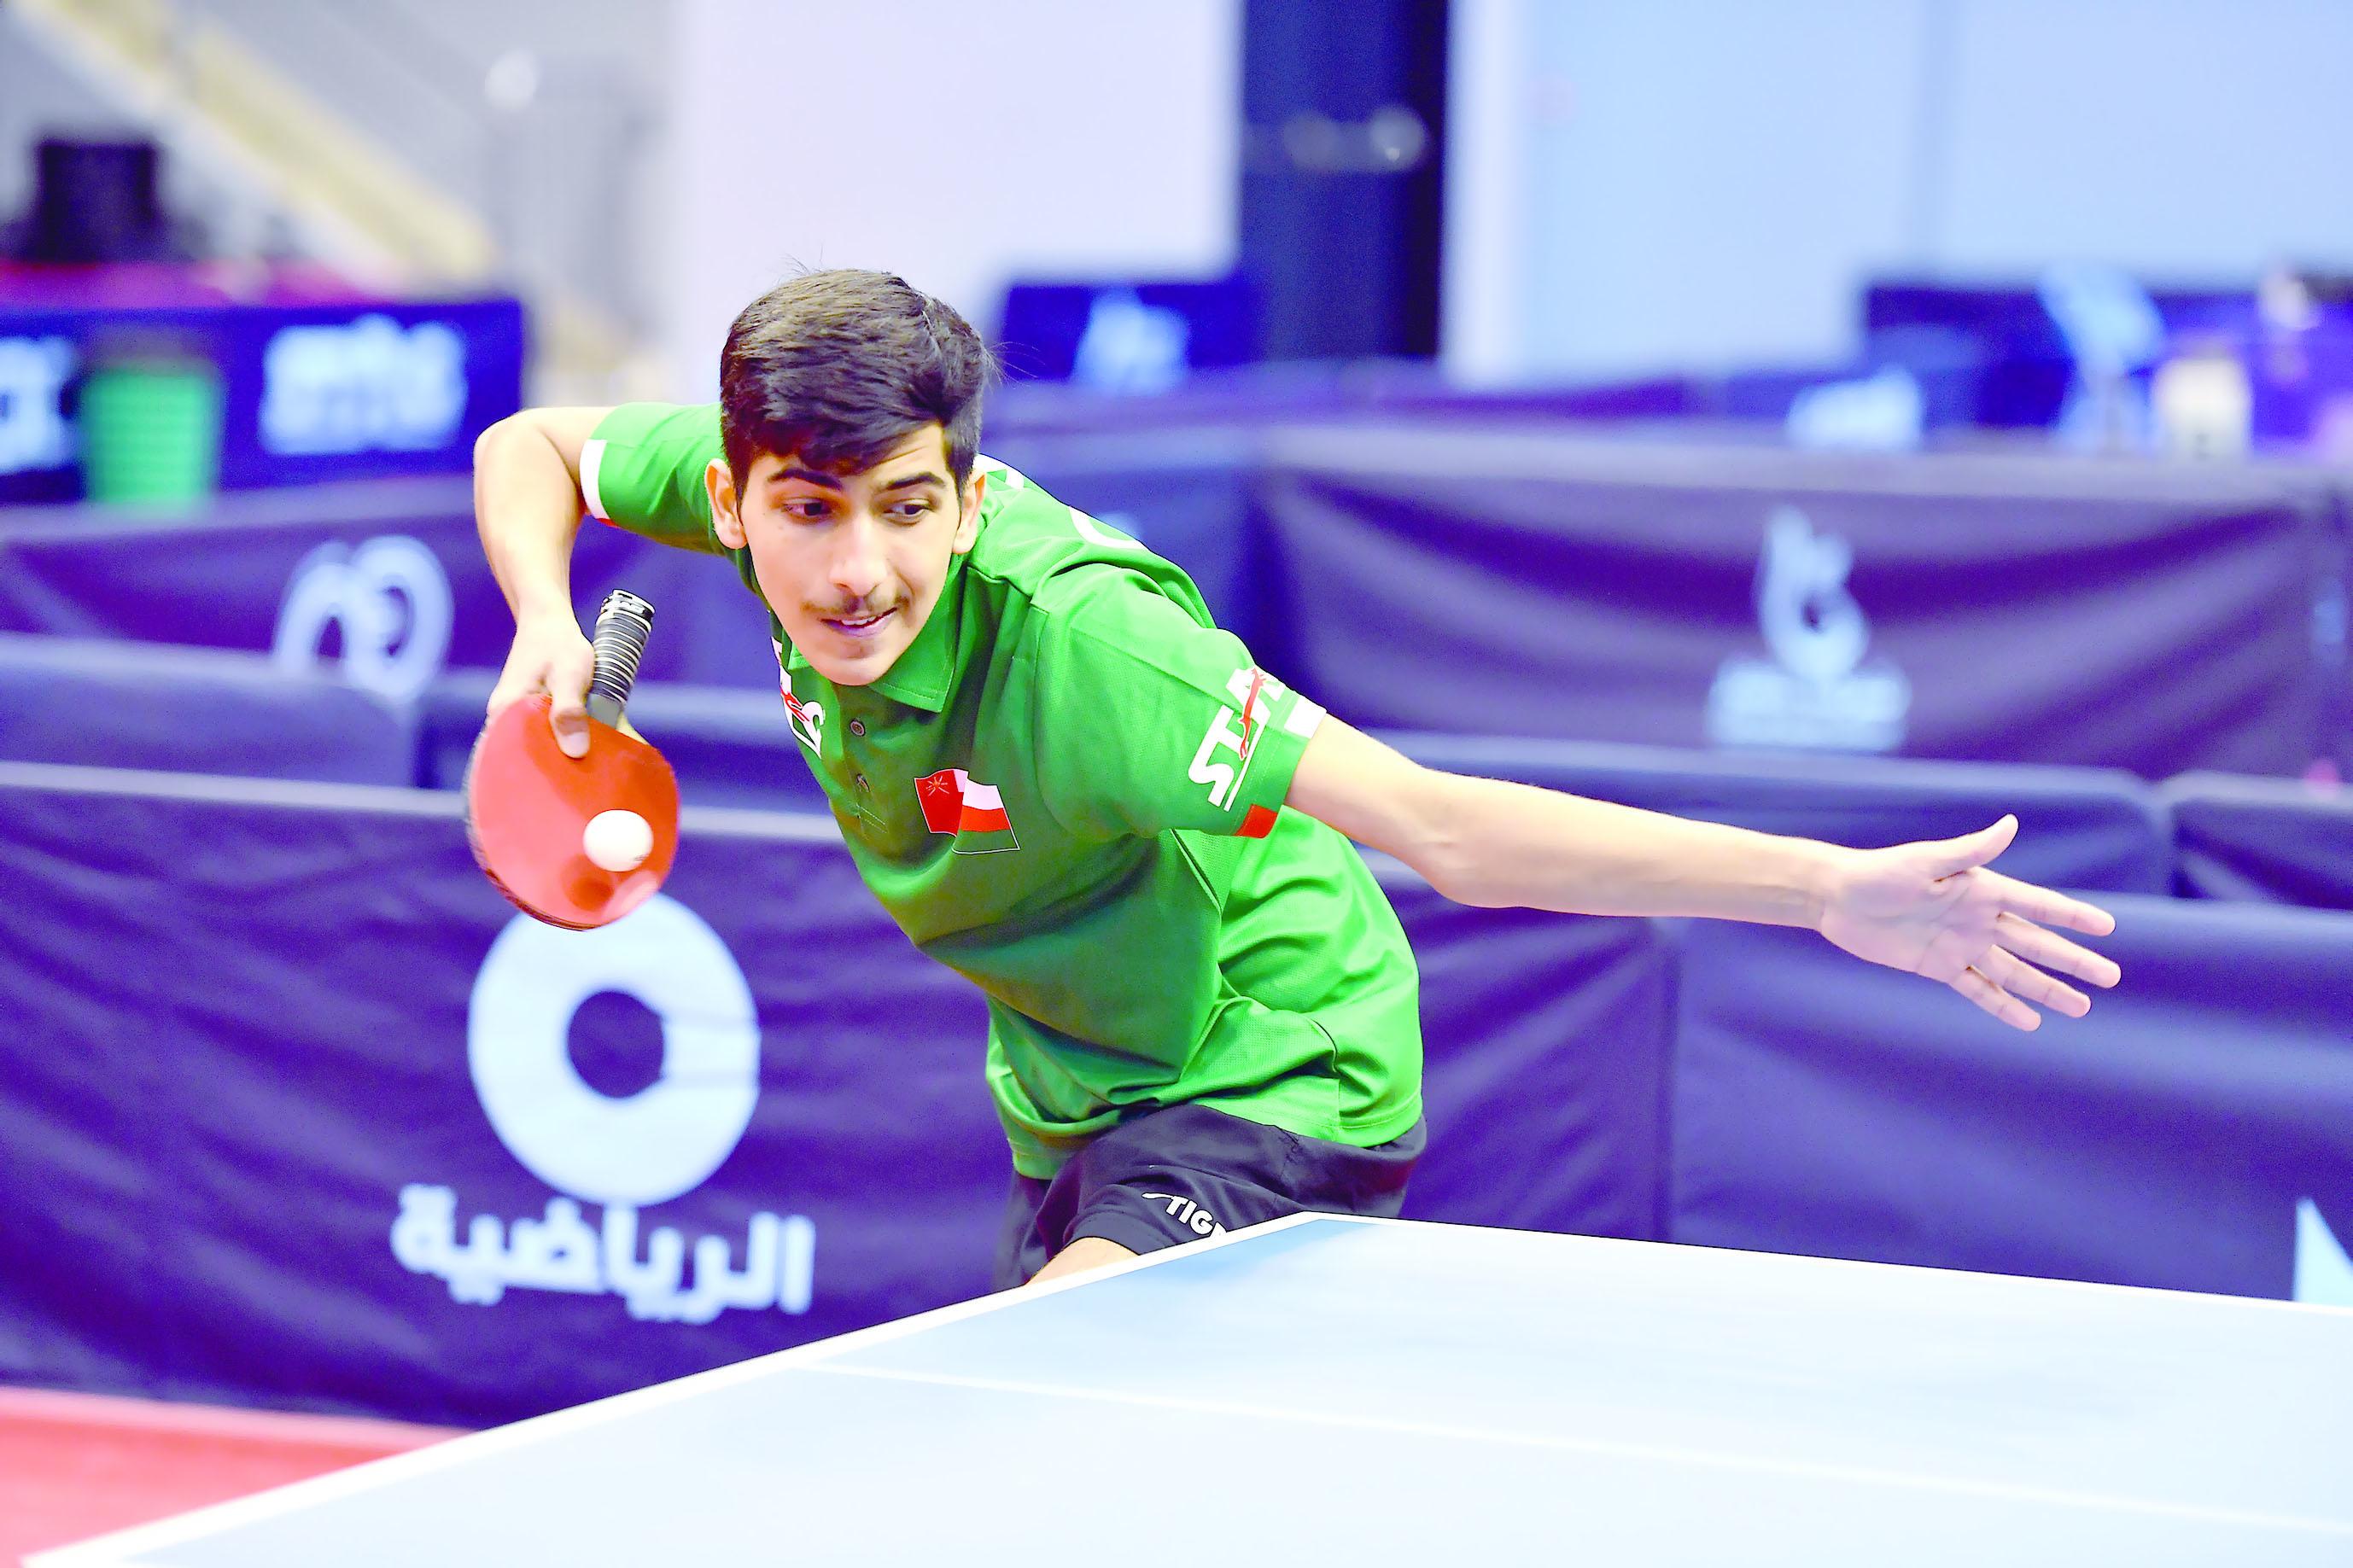 انطلاقة قوية لمنافسات بطولة عمان الدولية لكرة الطاولة (التحدي بلس)